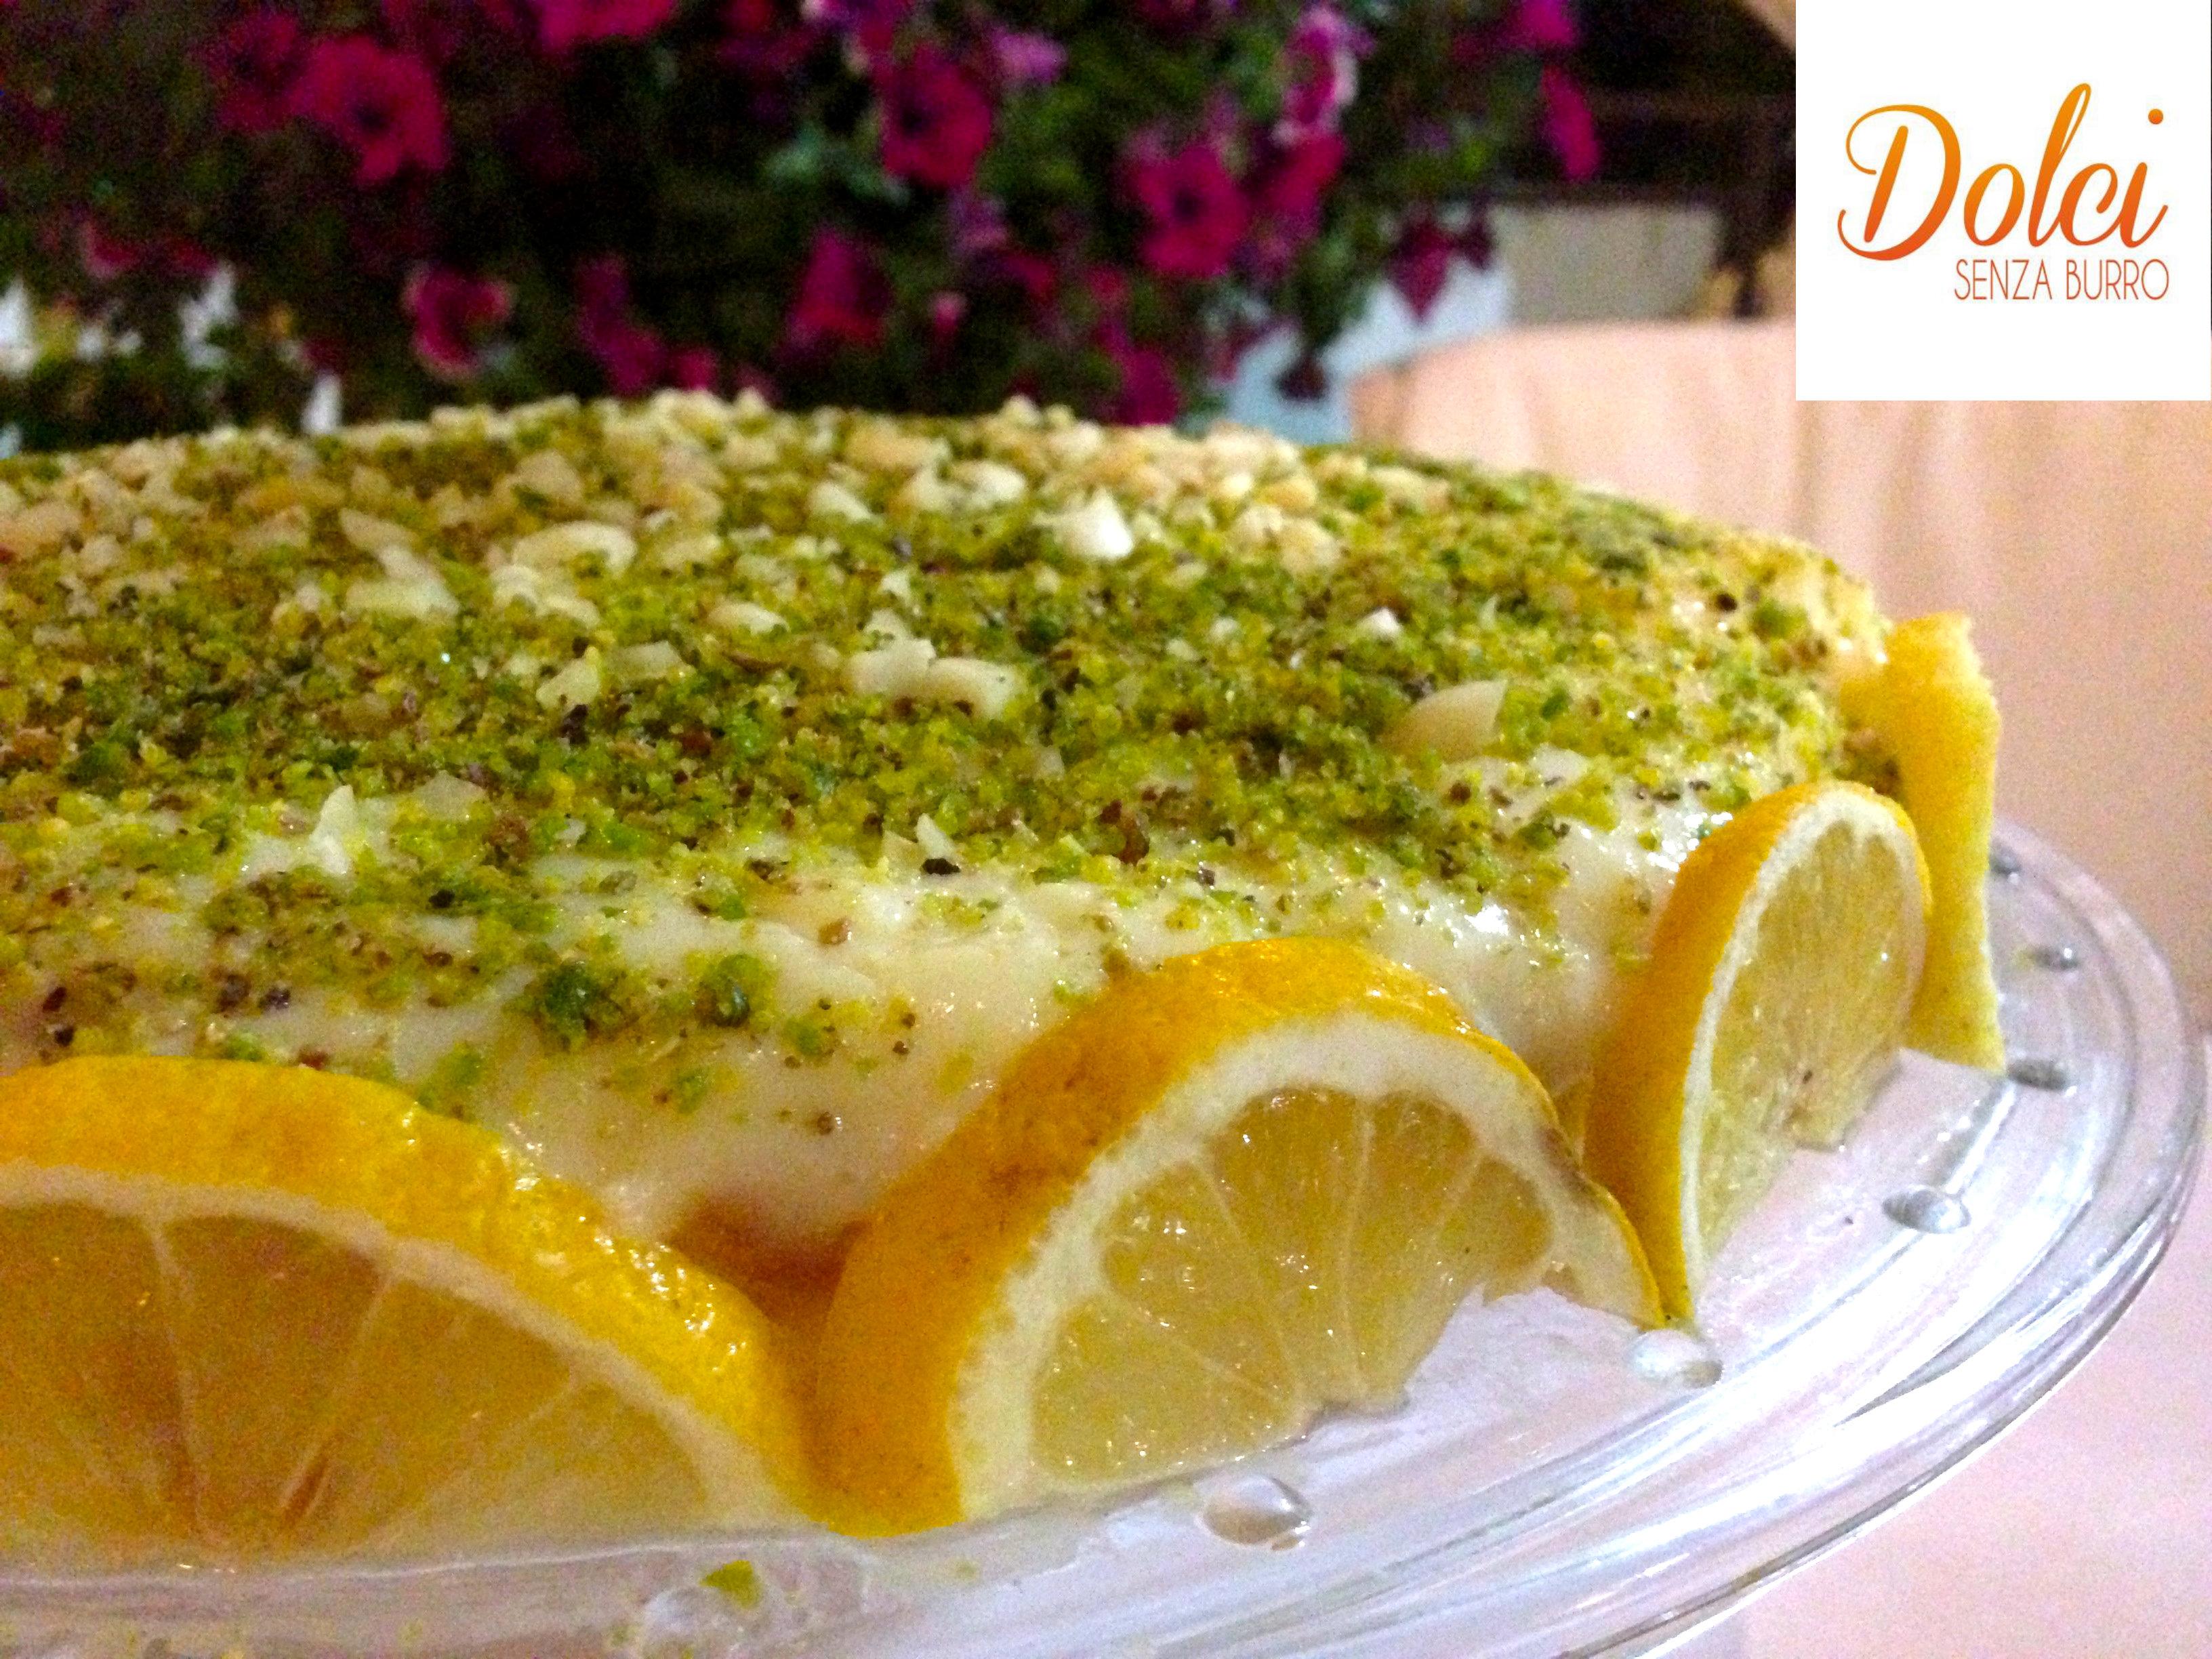 Torta Senza Burro con Crema al Limoncello - Dolci Senza Burro